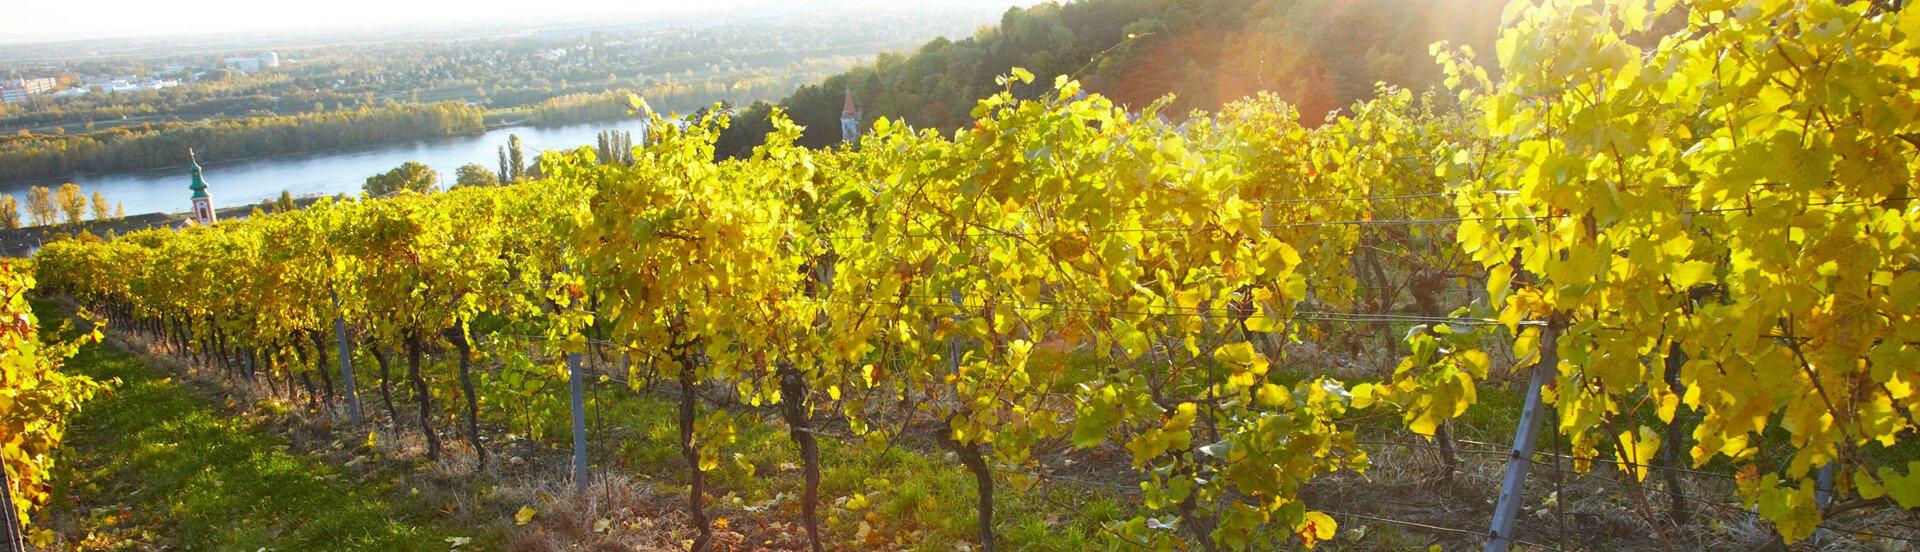 Weingarten Jungherrn im Kahlenbergerdorf